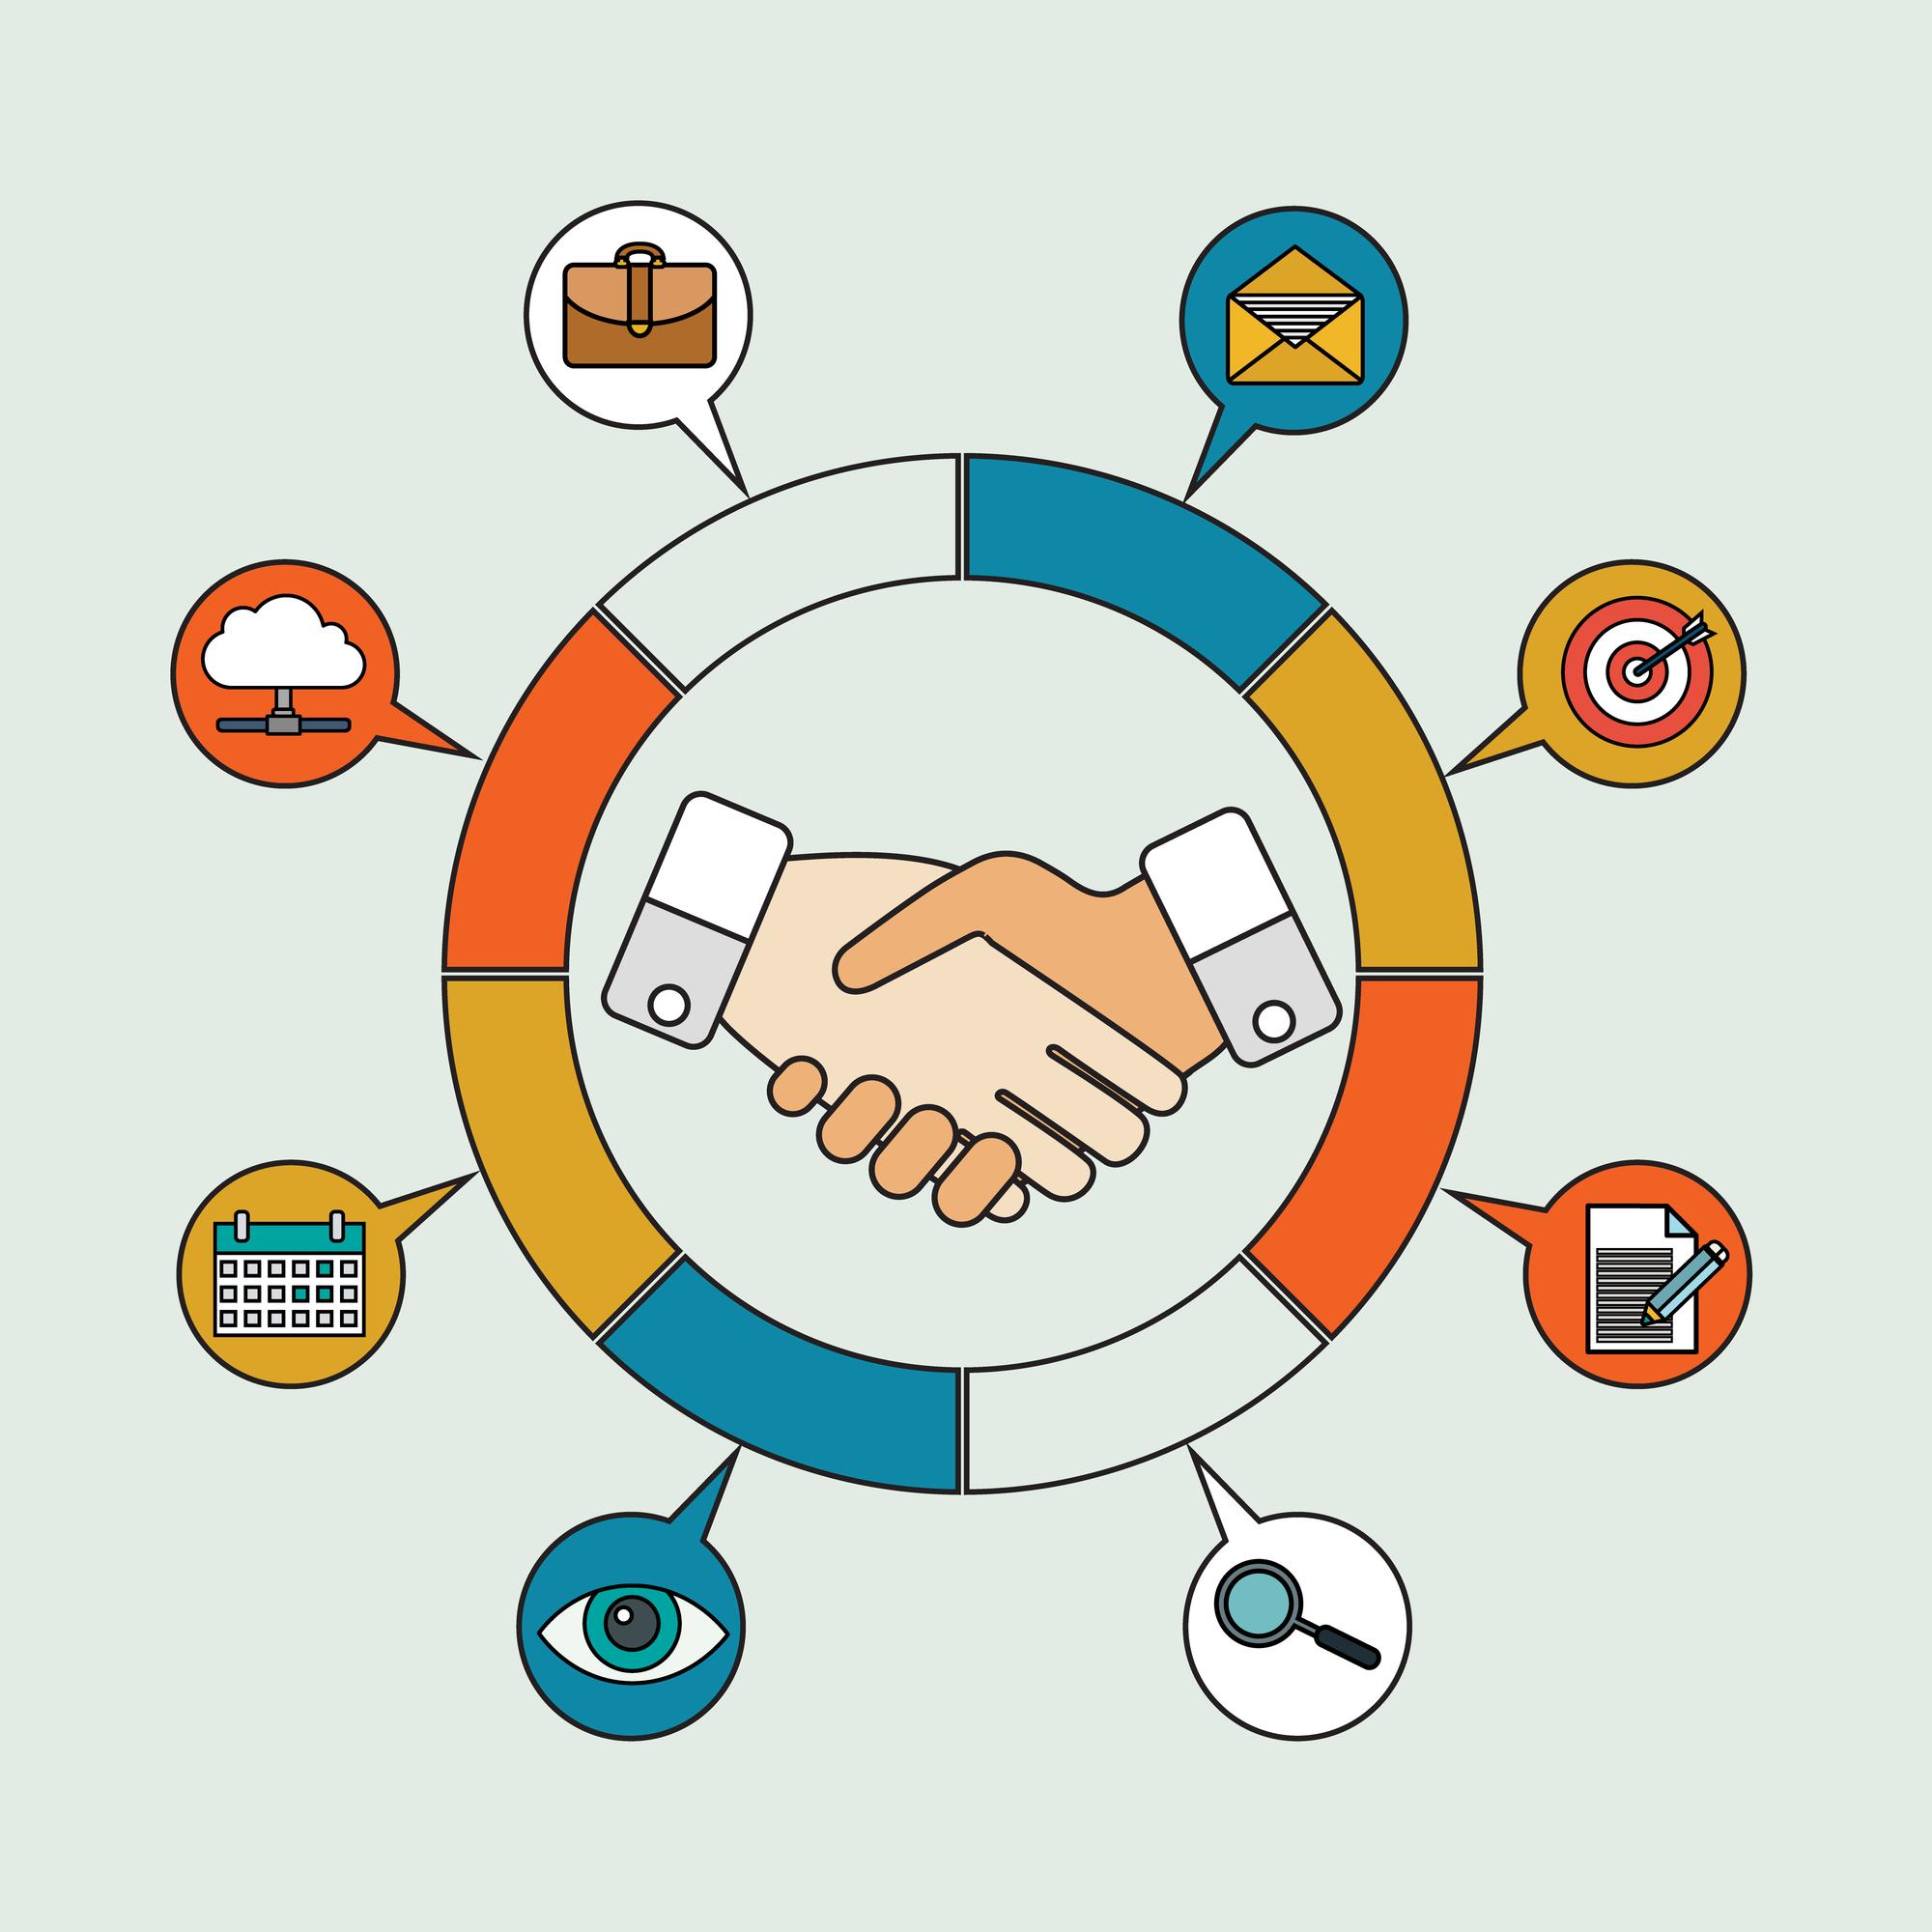 מה הקשר בין מערכת CRM לבין חווית לקוח?